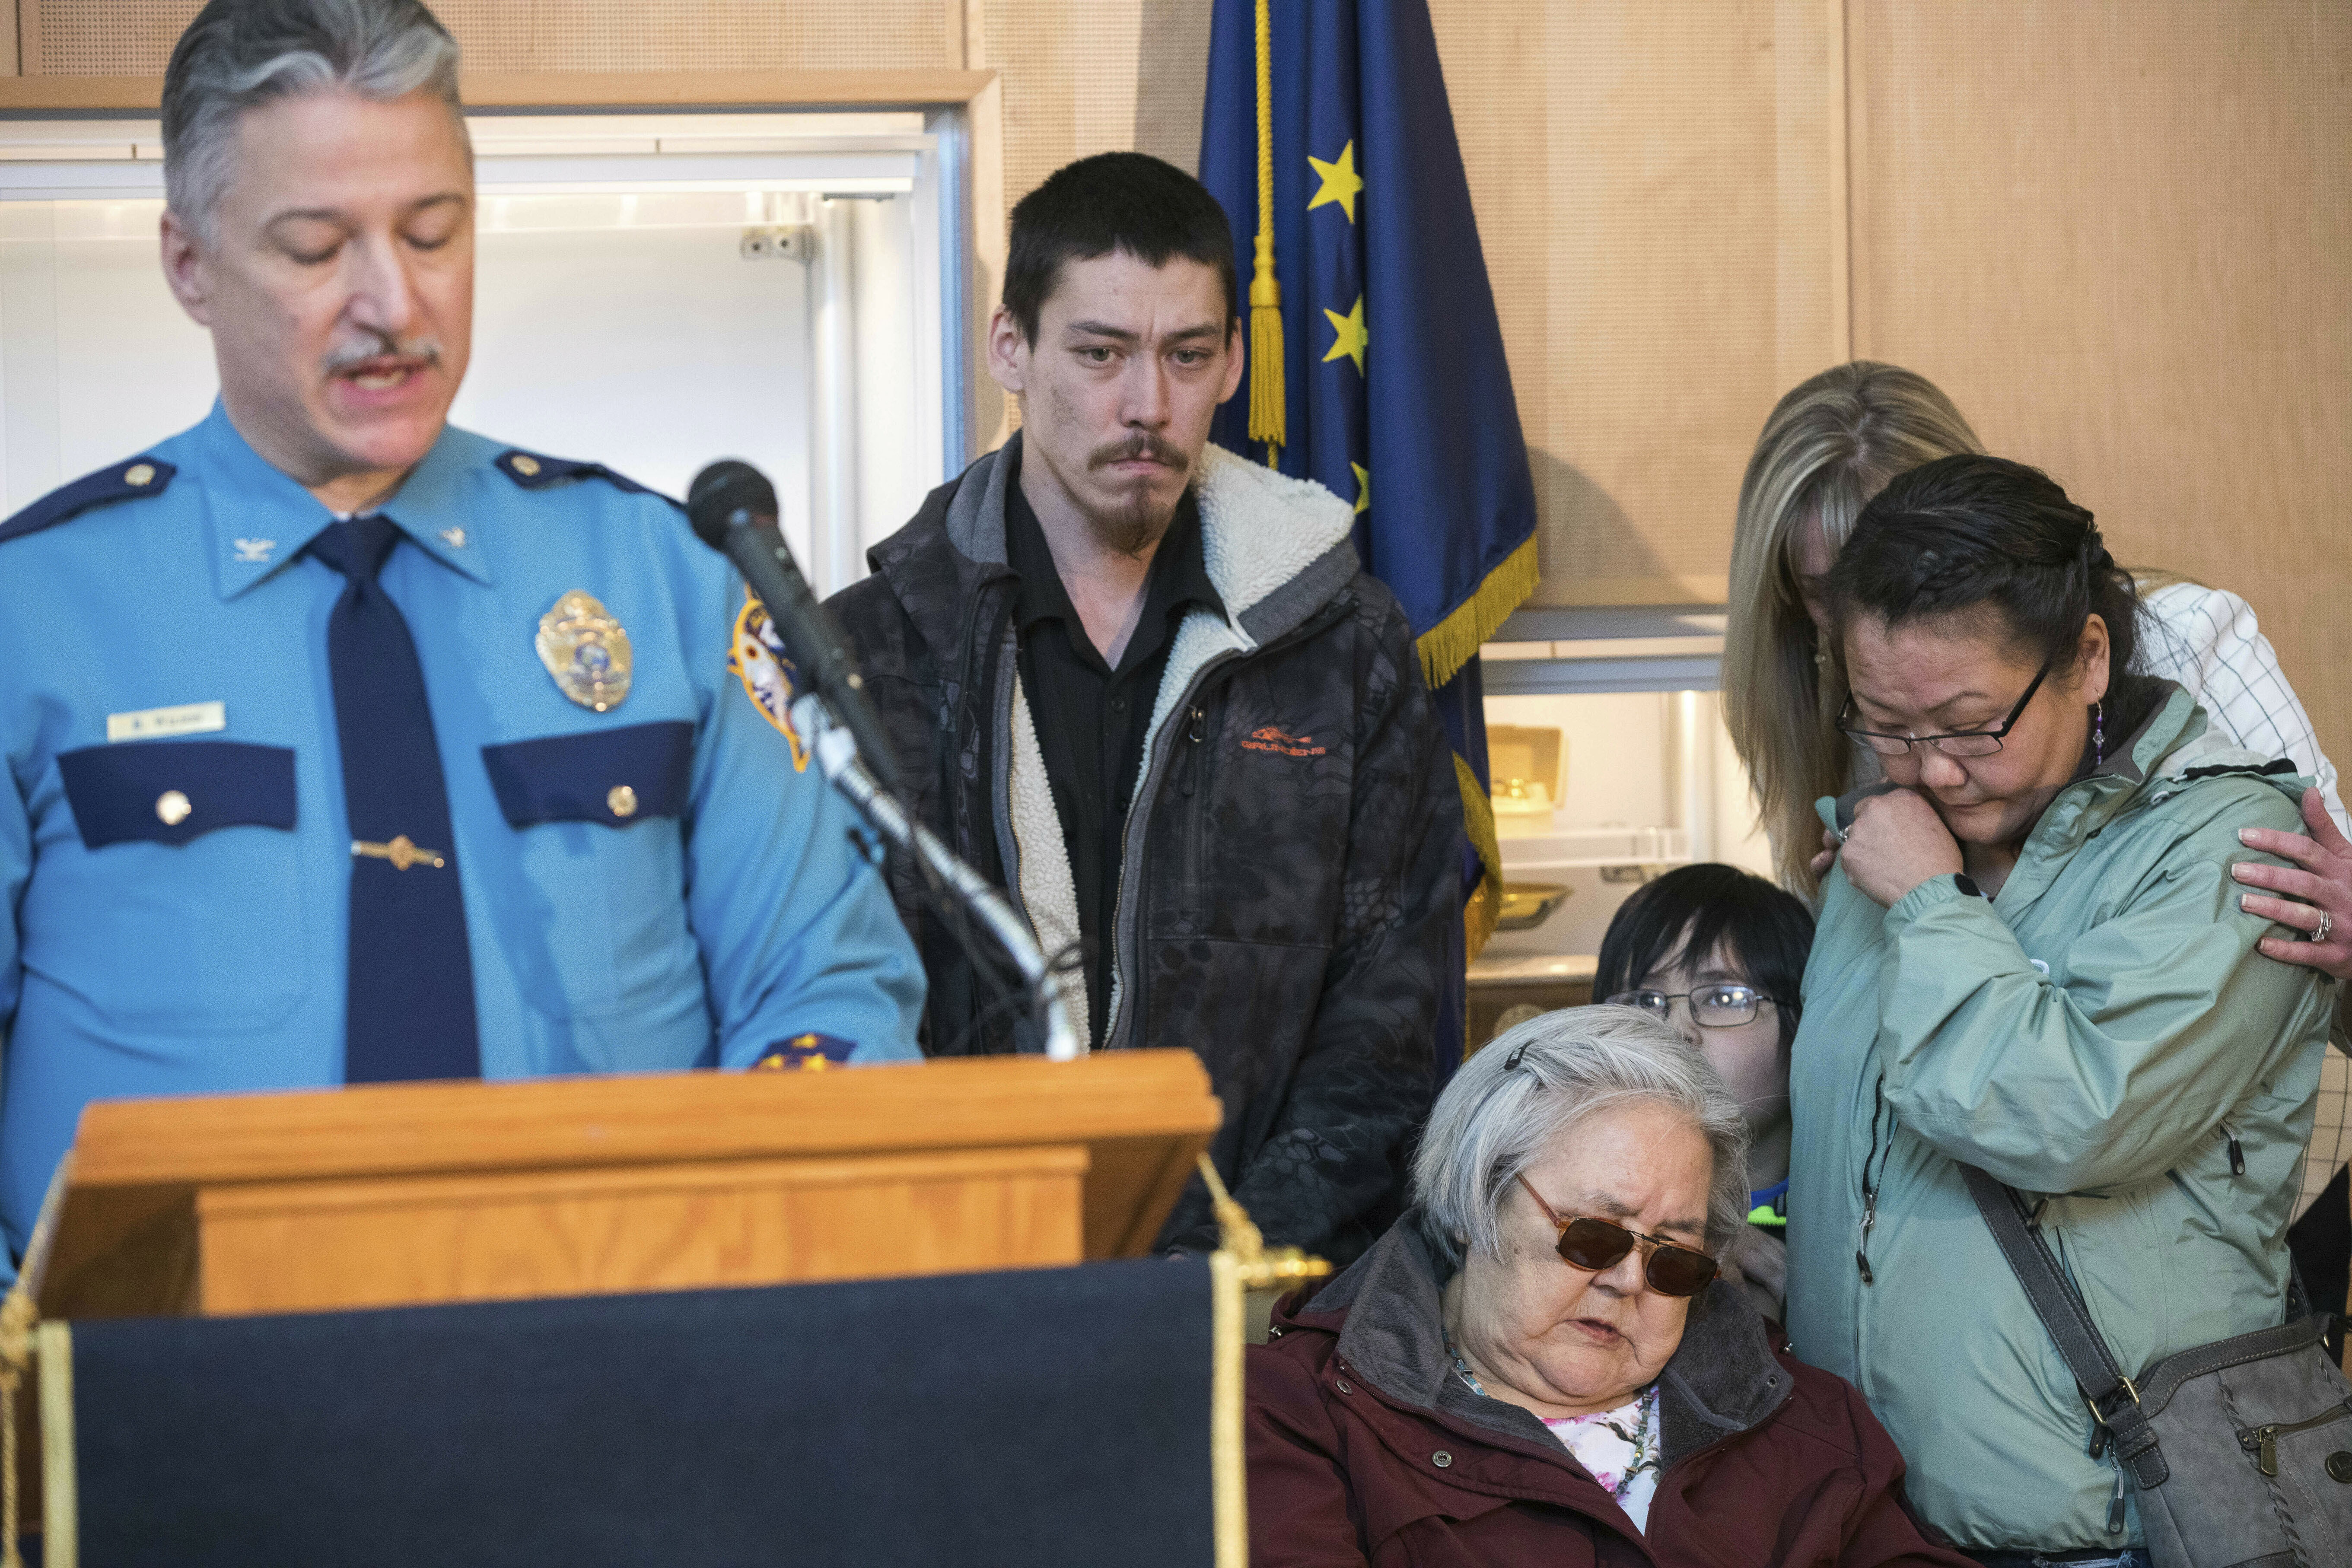 La familia de Sophie, presente en la conferencia de prensa en la que se anunció el arresto de Steven Downs (foto: Loren Holmes/Anchorage Daily News via AP)